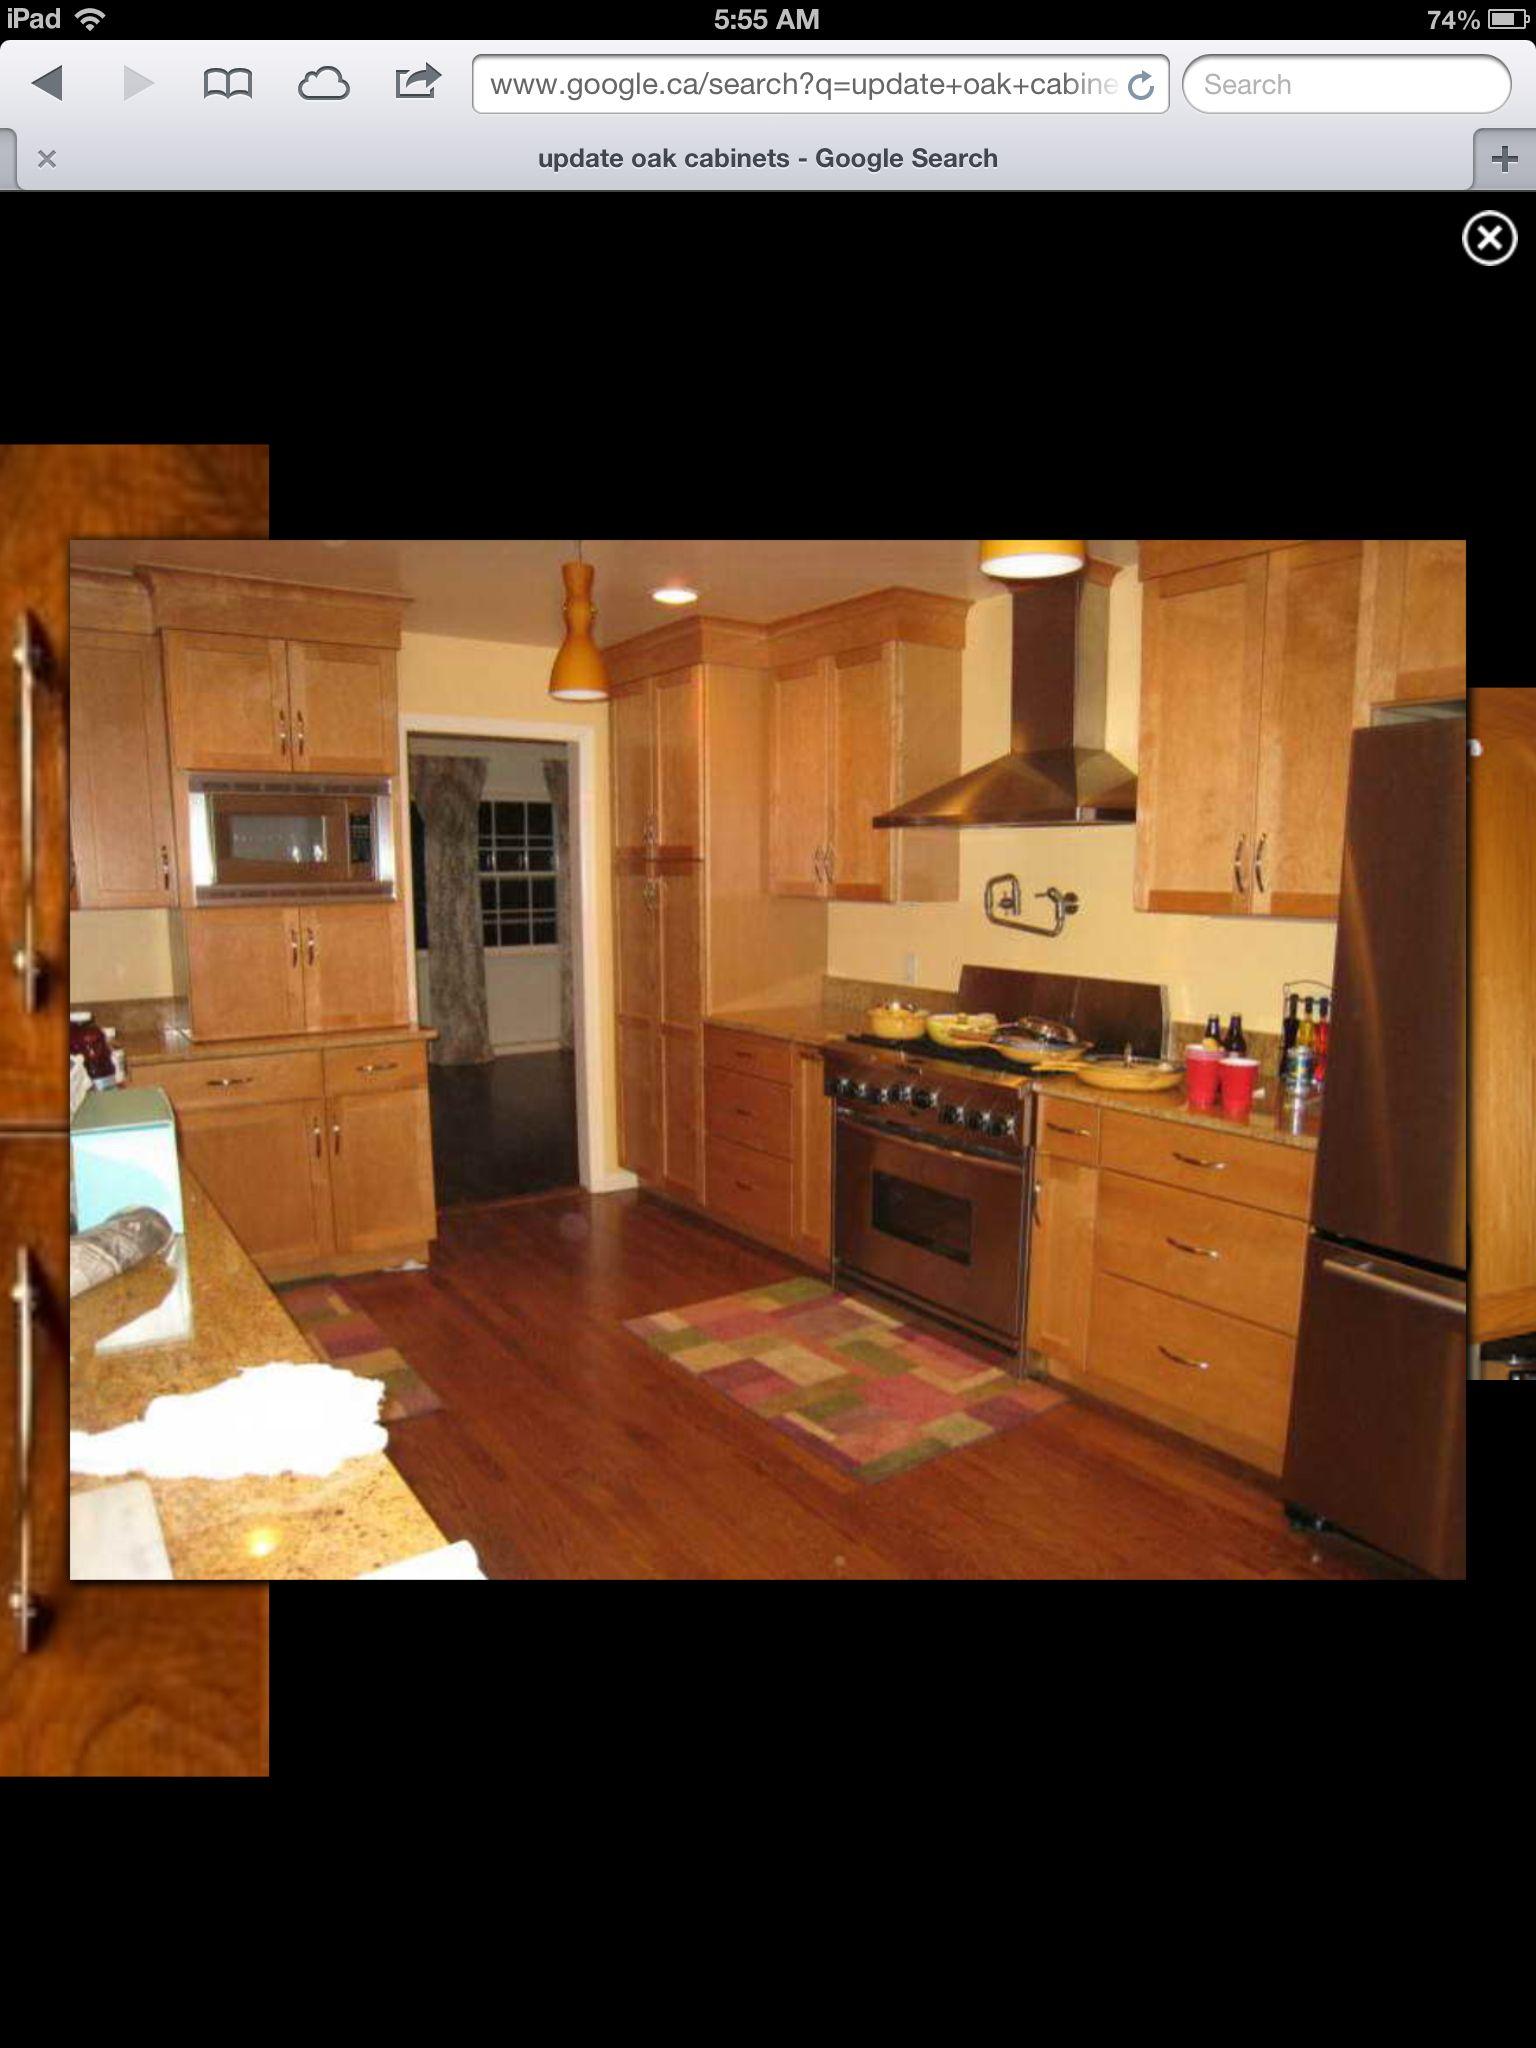 Update light oak cabinets